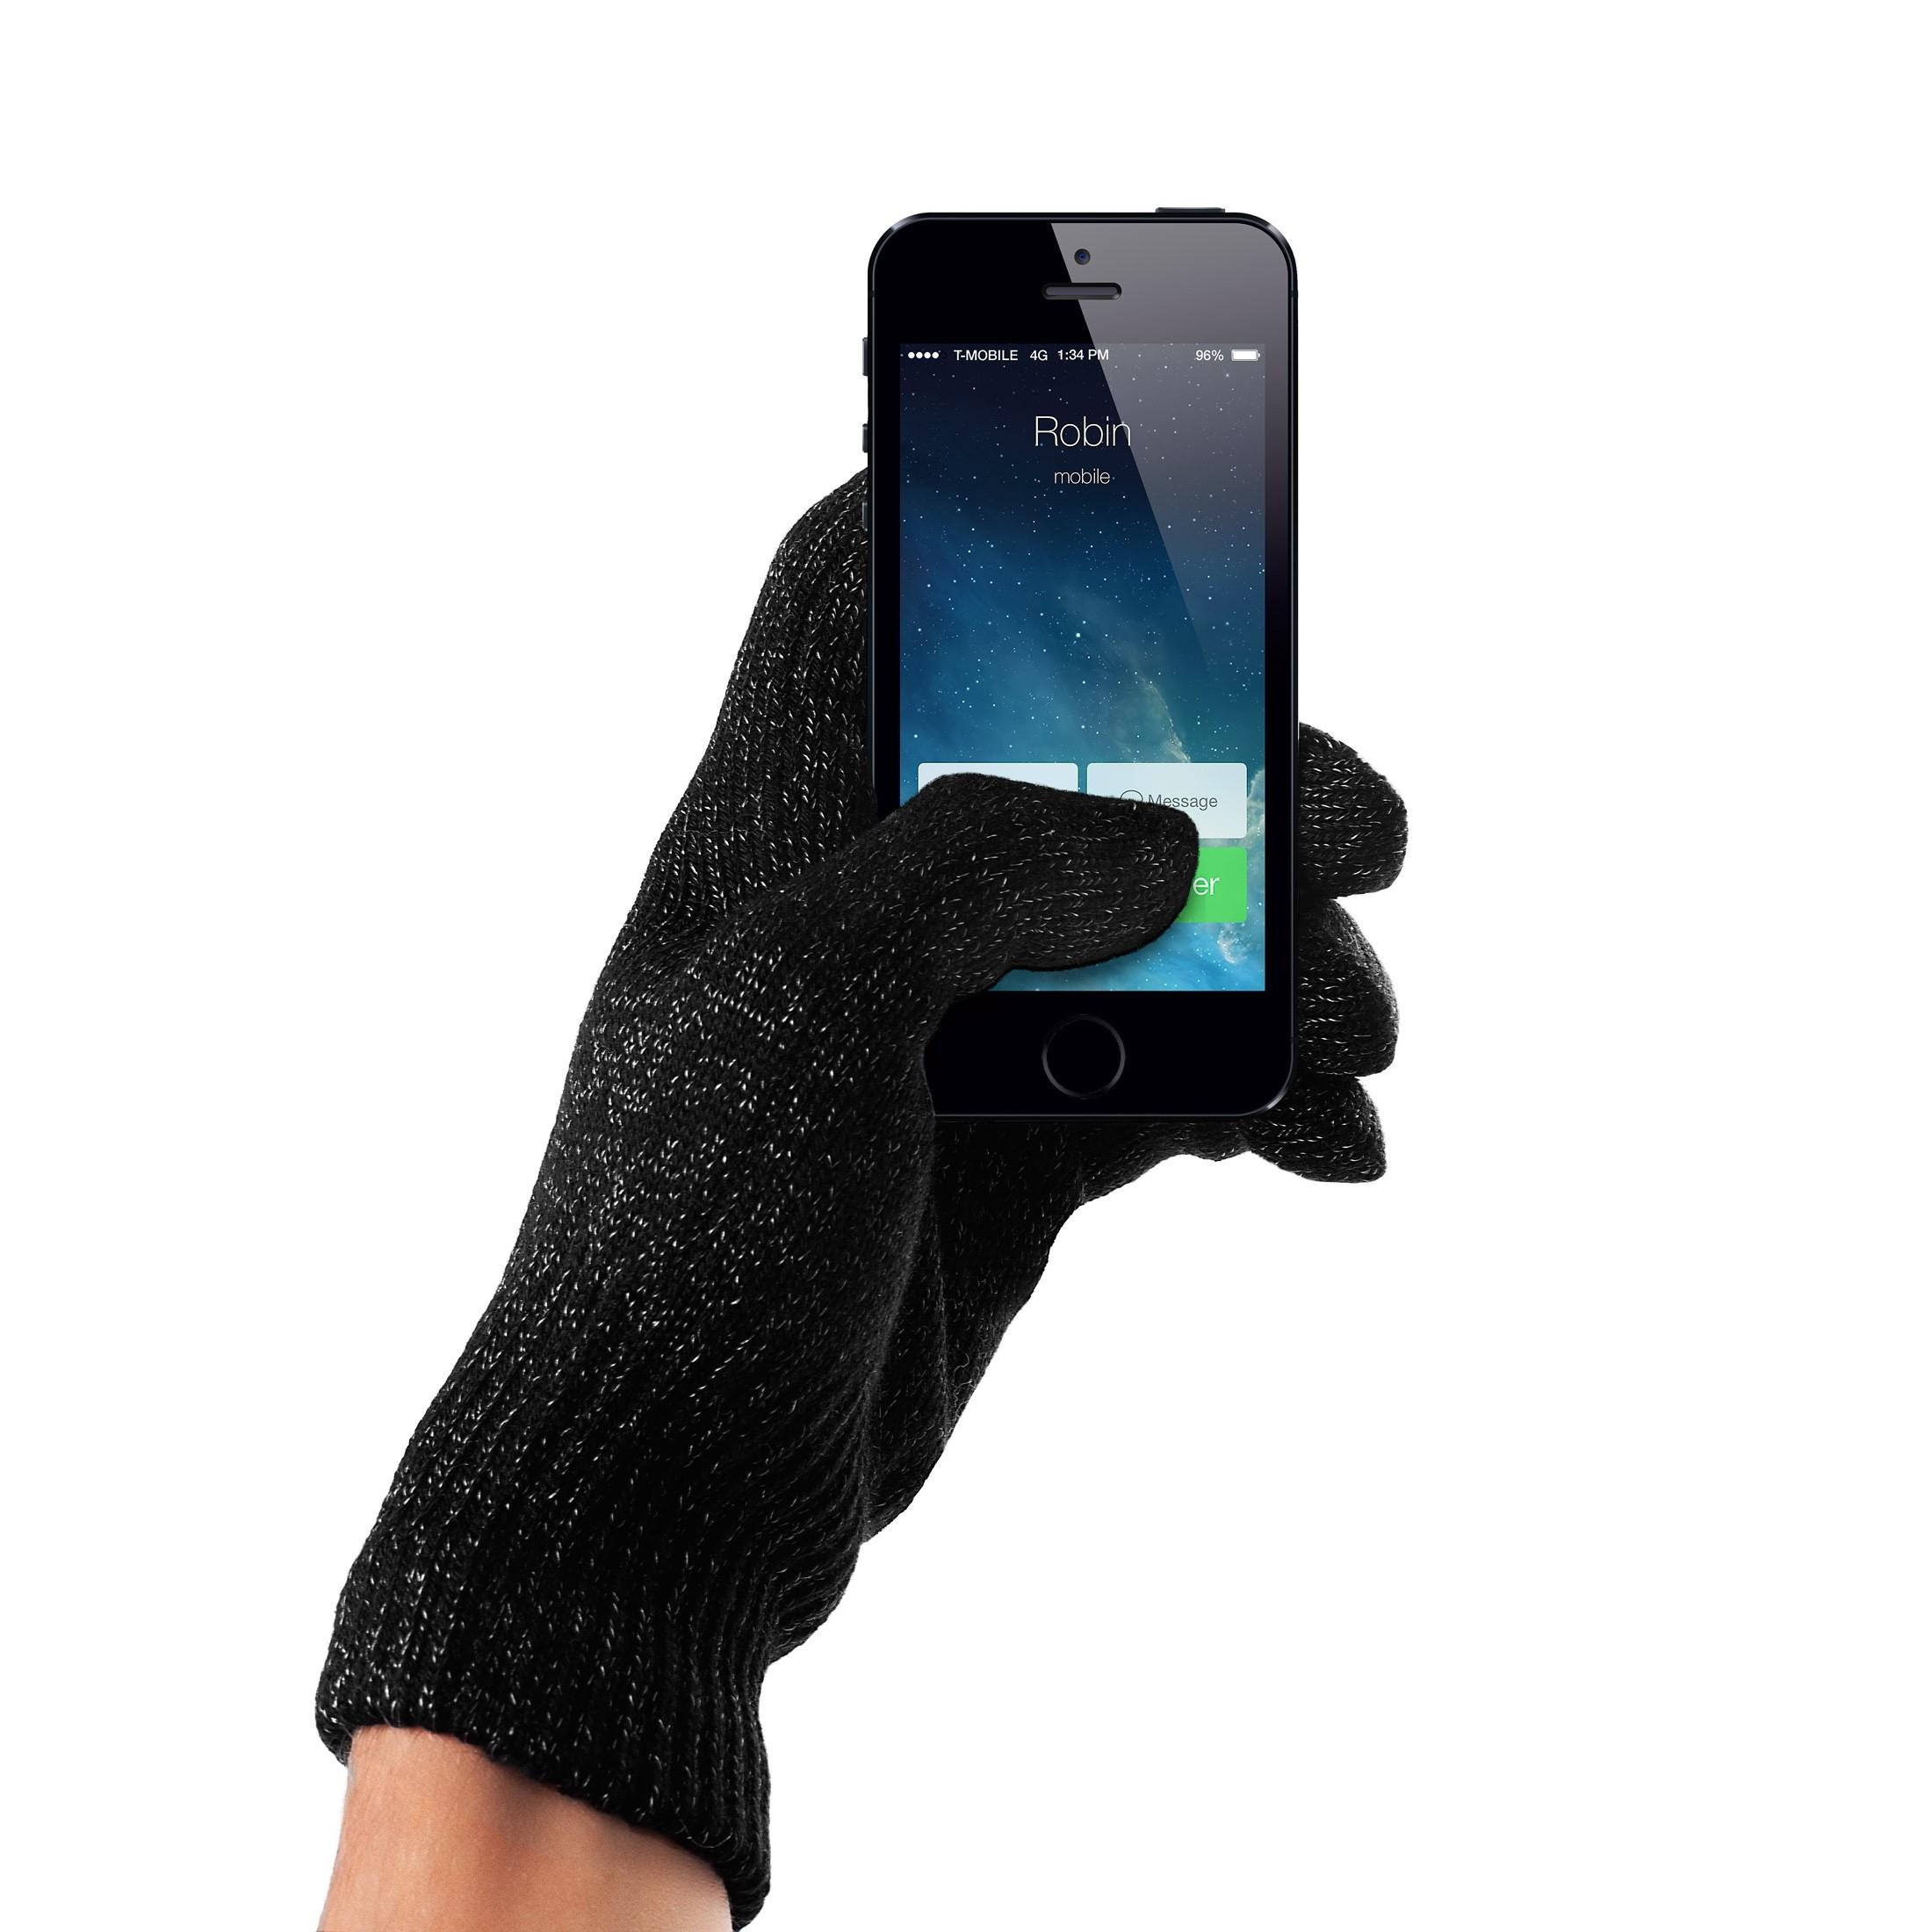 荷兰Mujjo 全手掌触控手套 保暖触摸屏手套 防滑触控手套 现货